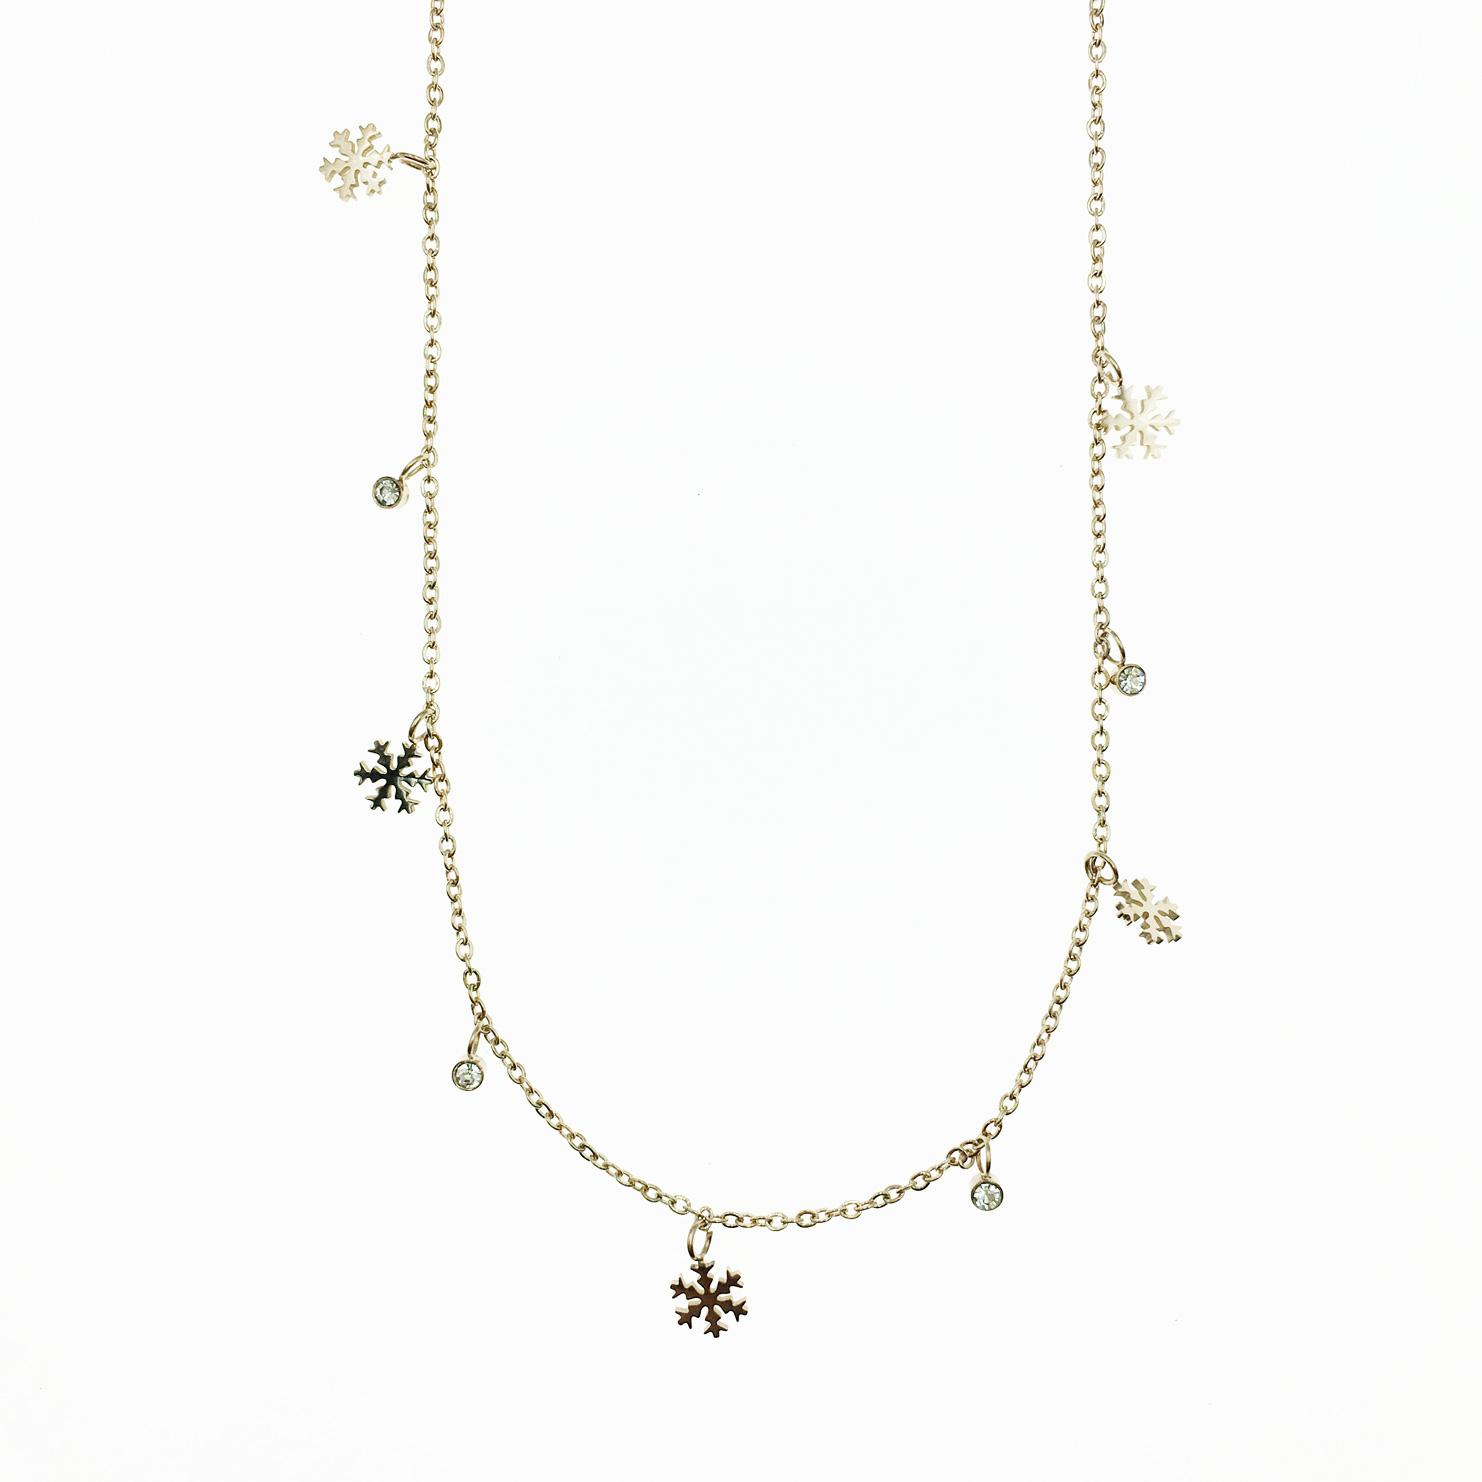 韓國 不鏽鋼 雪花 水鑽 墜飾 玫瑰金 項鍊